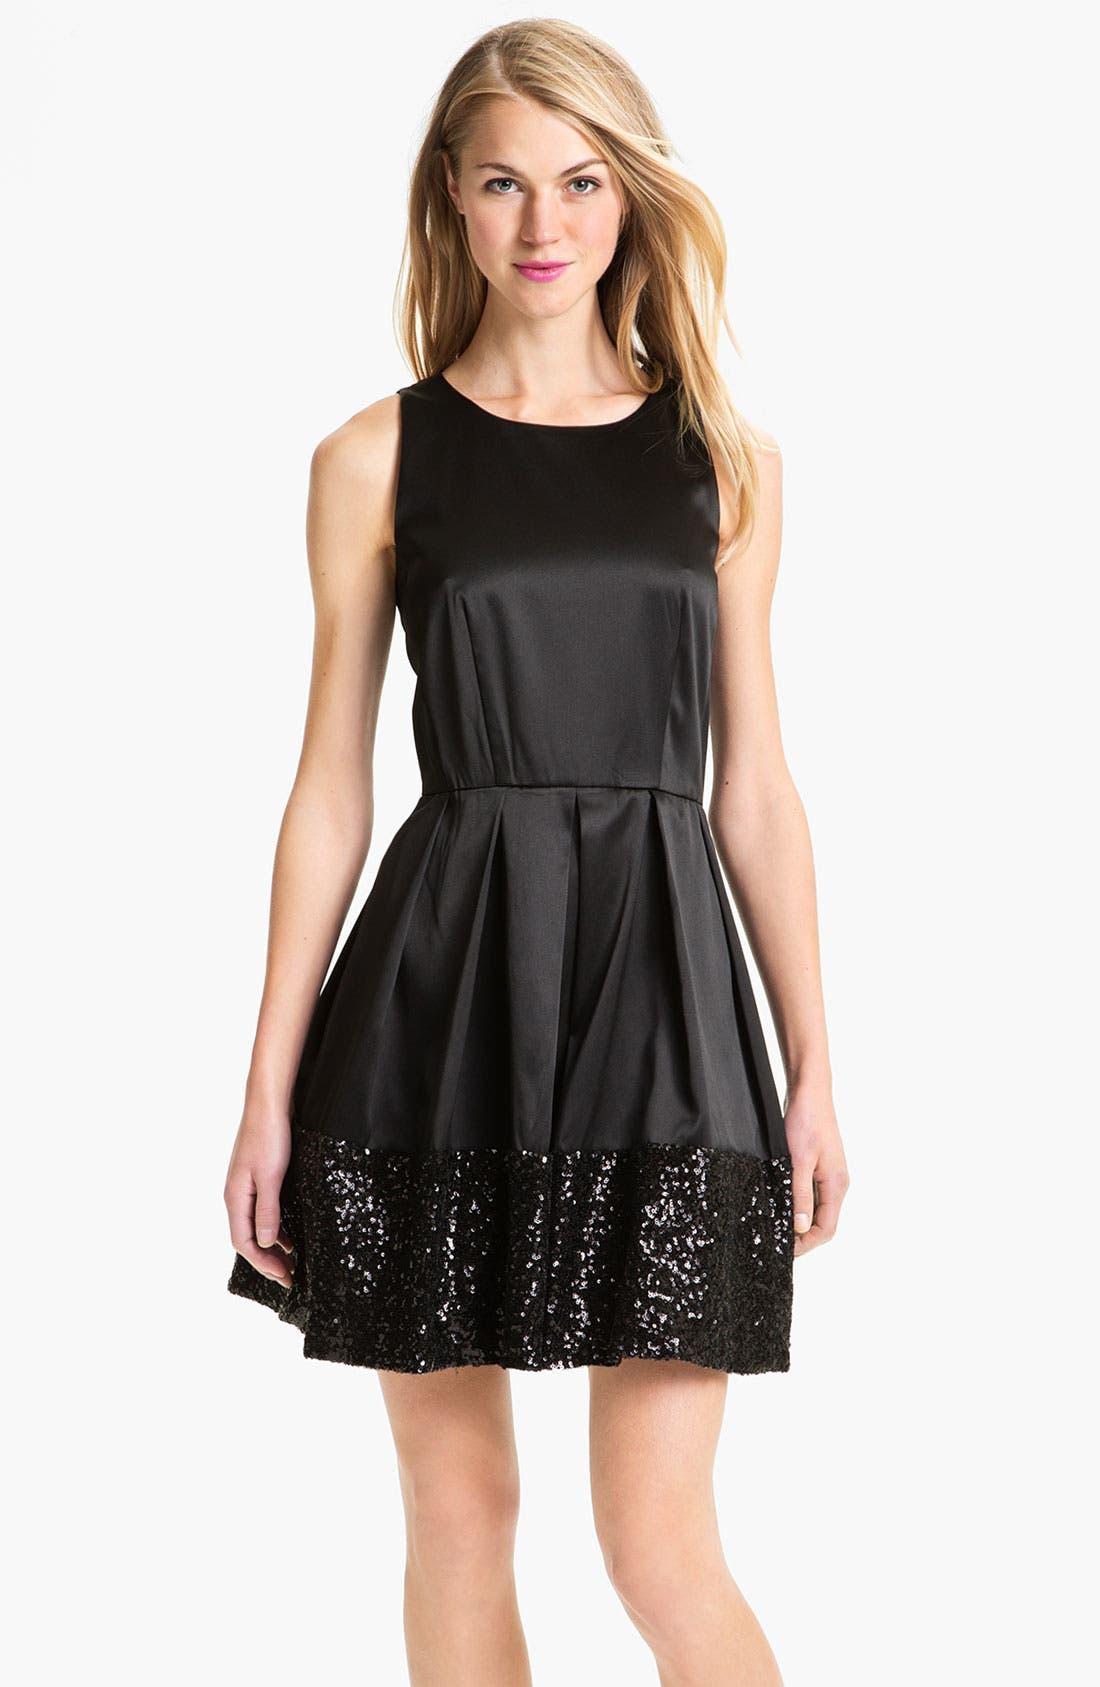 Alternate Image 1 Selected - Taylor Dresses Sequin Hem Satin Fit & Flare Dress